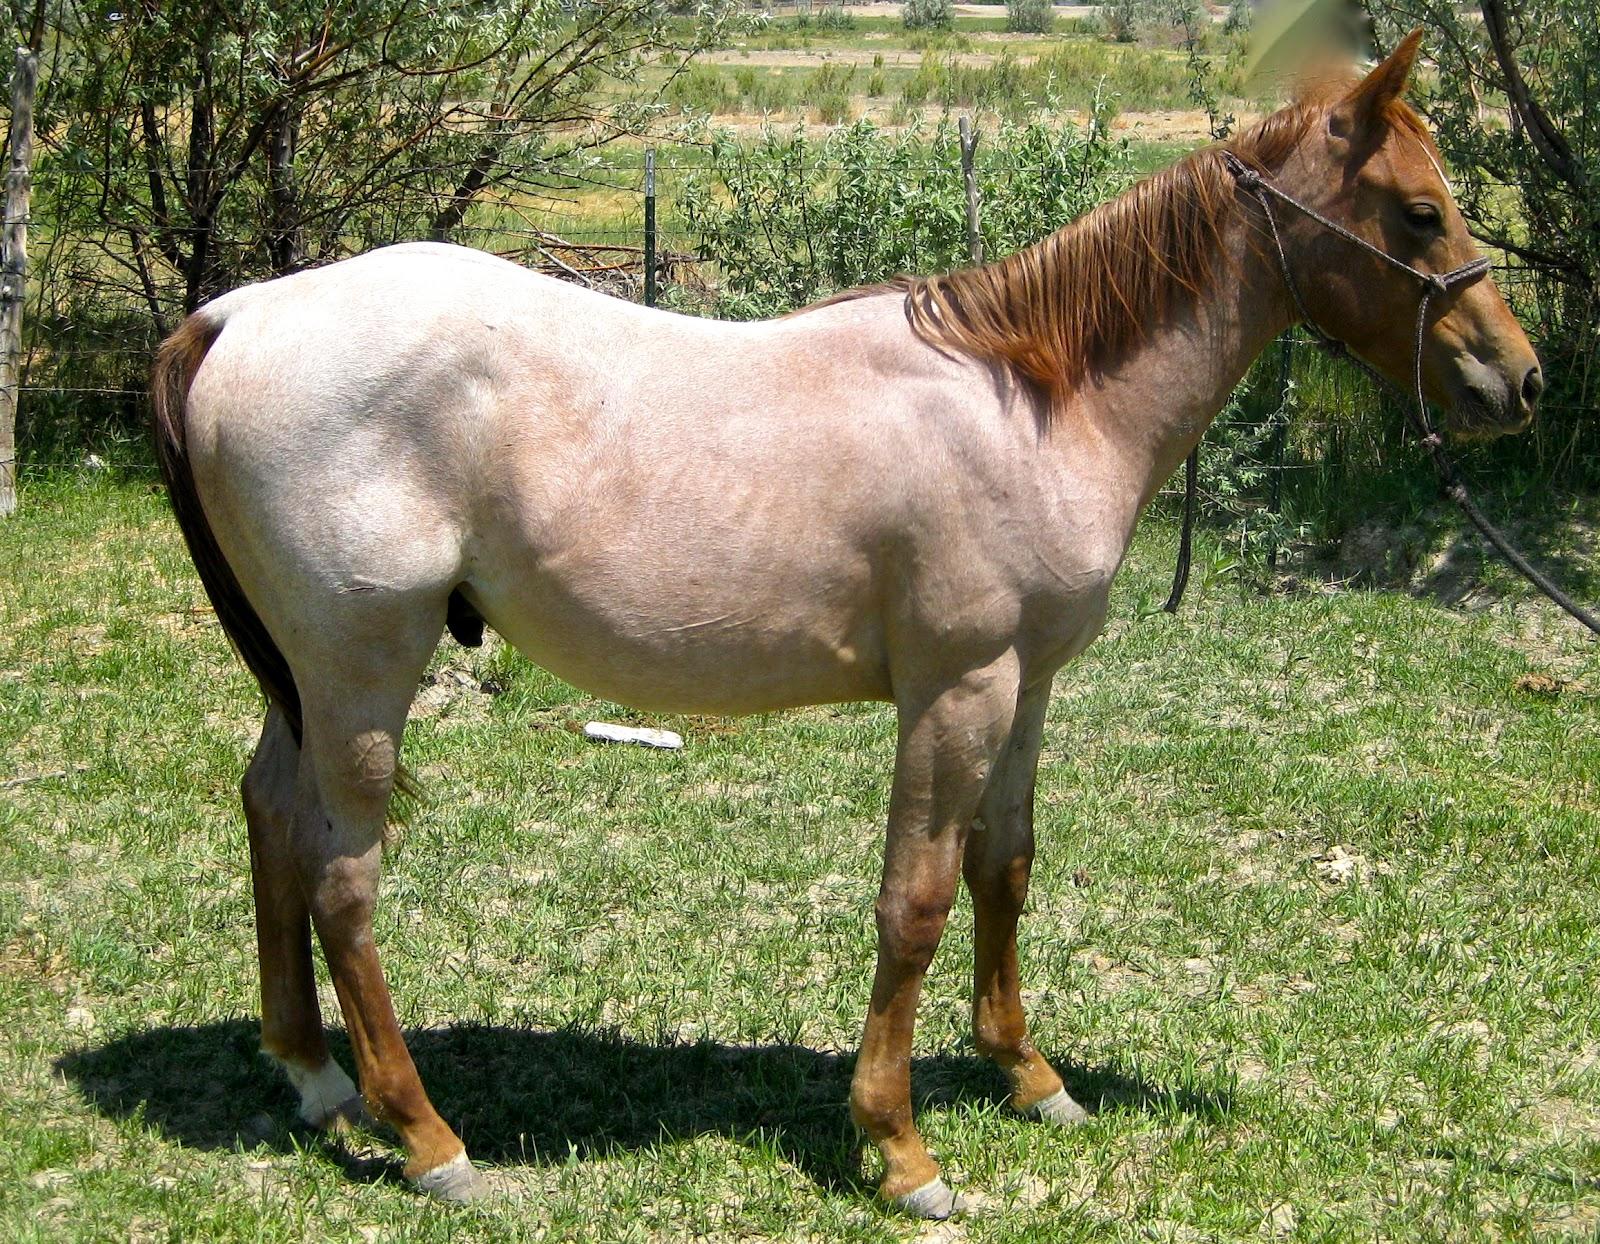 Roan River Ranch Quarter Horses: 2011 colts - photo#4